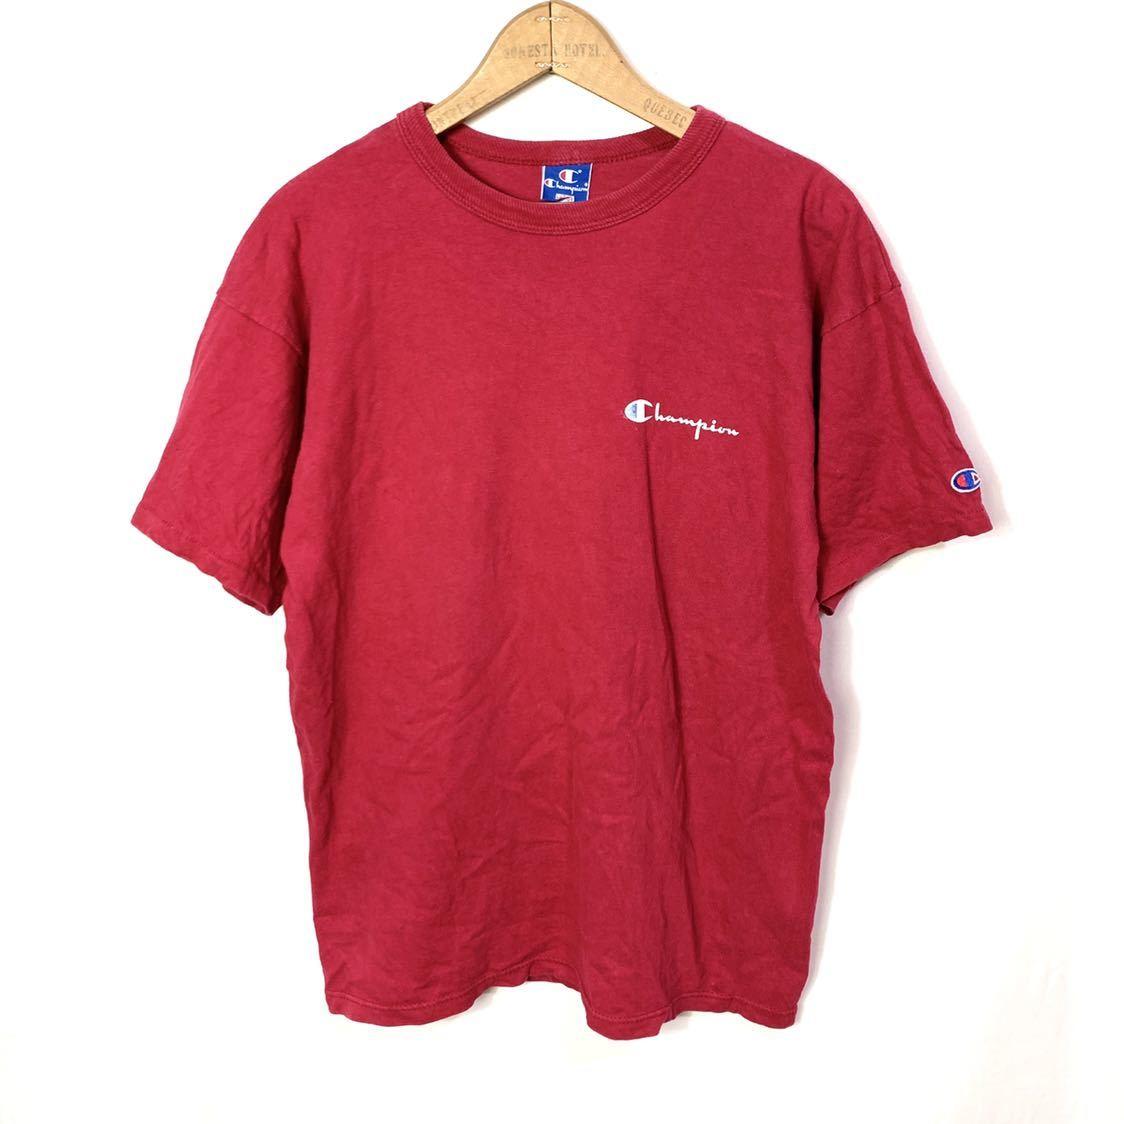 ■ ビンテージ USA製 90s チャンピオン 胸ロゴプリント Tシャツ Lサイズ 赤 コットン100% シングルステッチ champion 青タグ ■_画像1